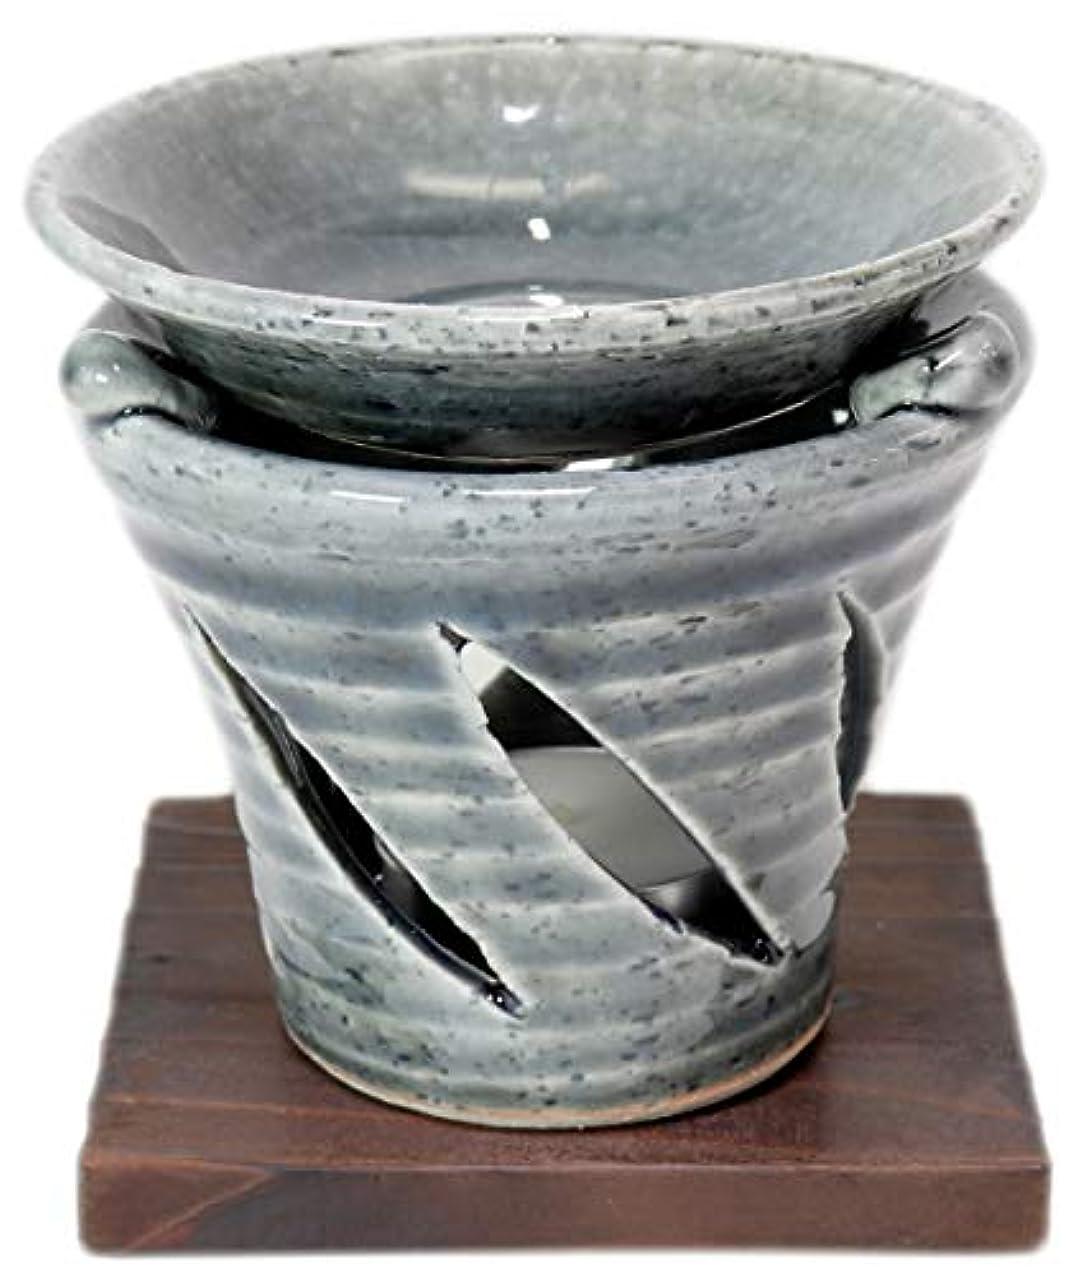 海上シャンプーかけがえのない香炉 京織部 茶香炉 [R9.5xH9.7cm] HANDMADE プレゼント ギフト 和食器 かわいい インテリア